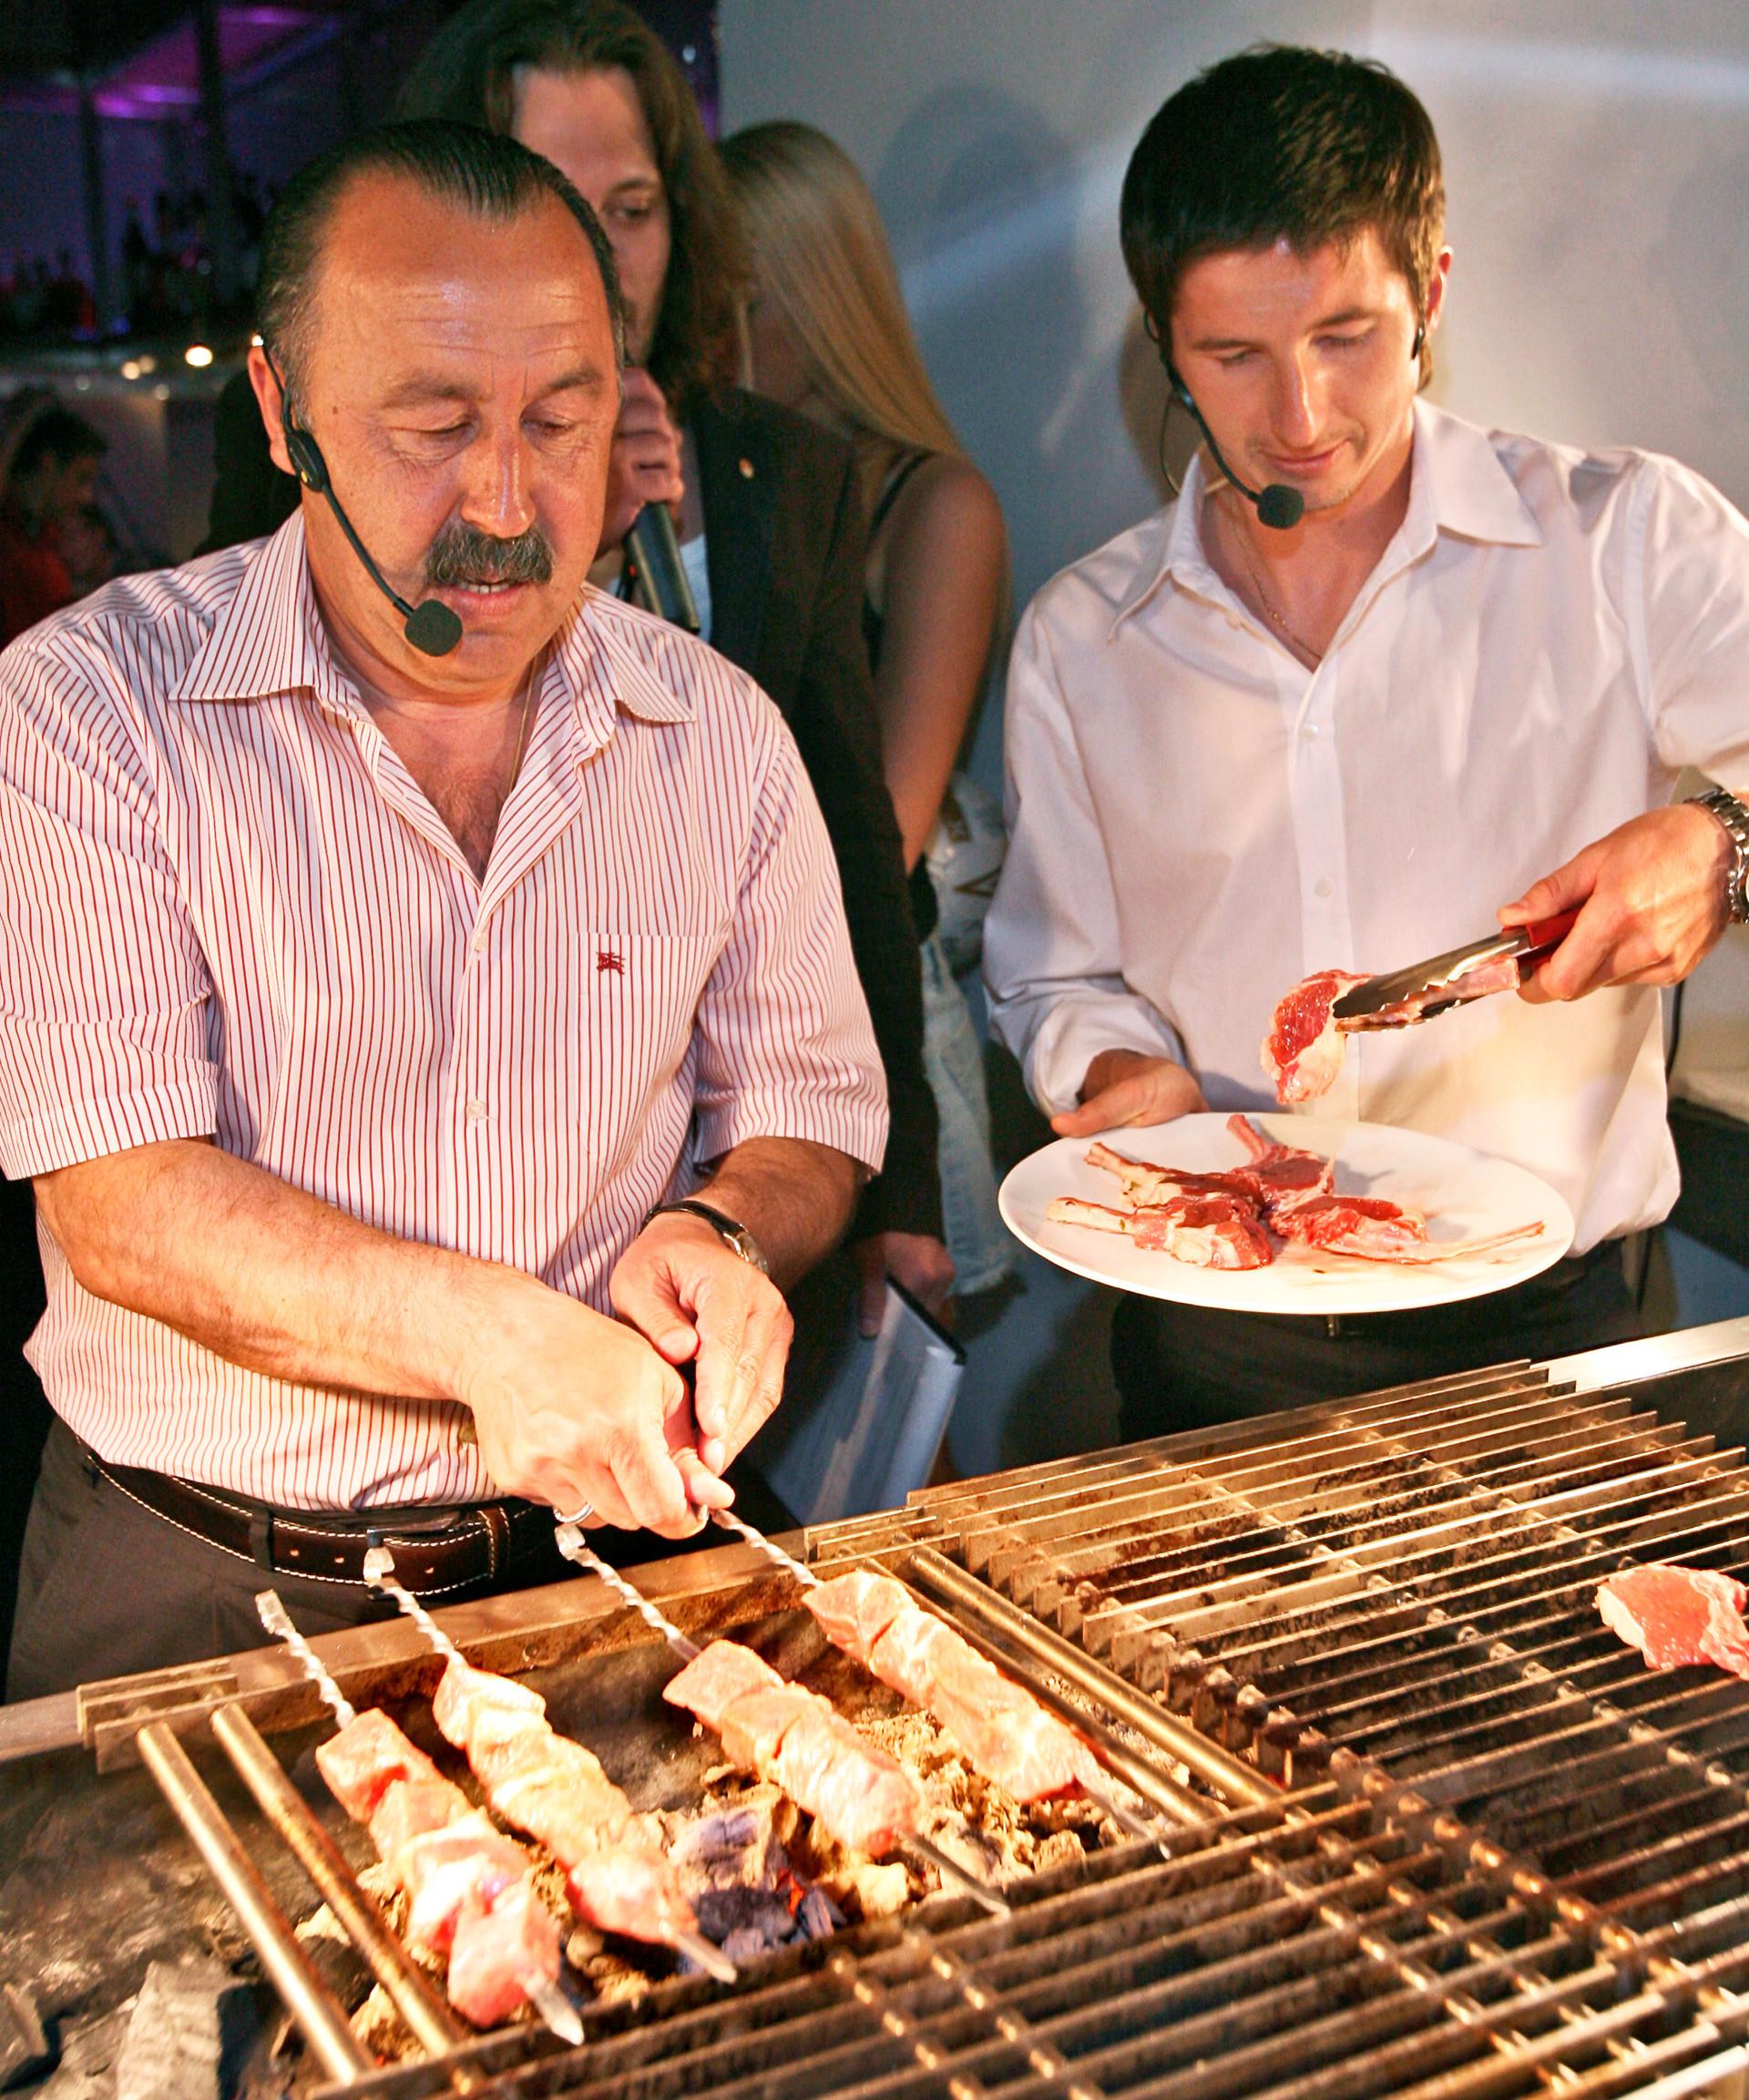 L'ex allenatore della Nazionale russa di calcio Valerij Gazzaev e il calciatore del CSKA Evgenij Aldonin preparano gli spiedini di carne (shashliky, in russo)